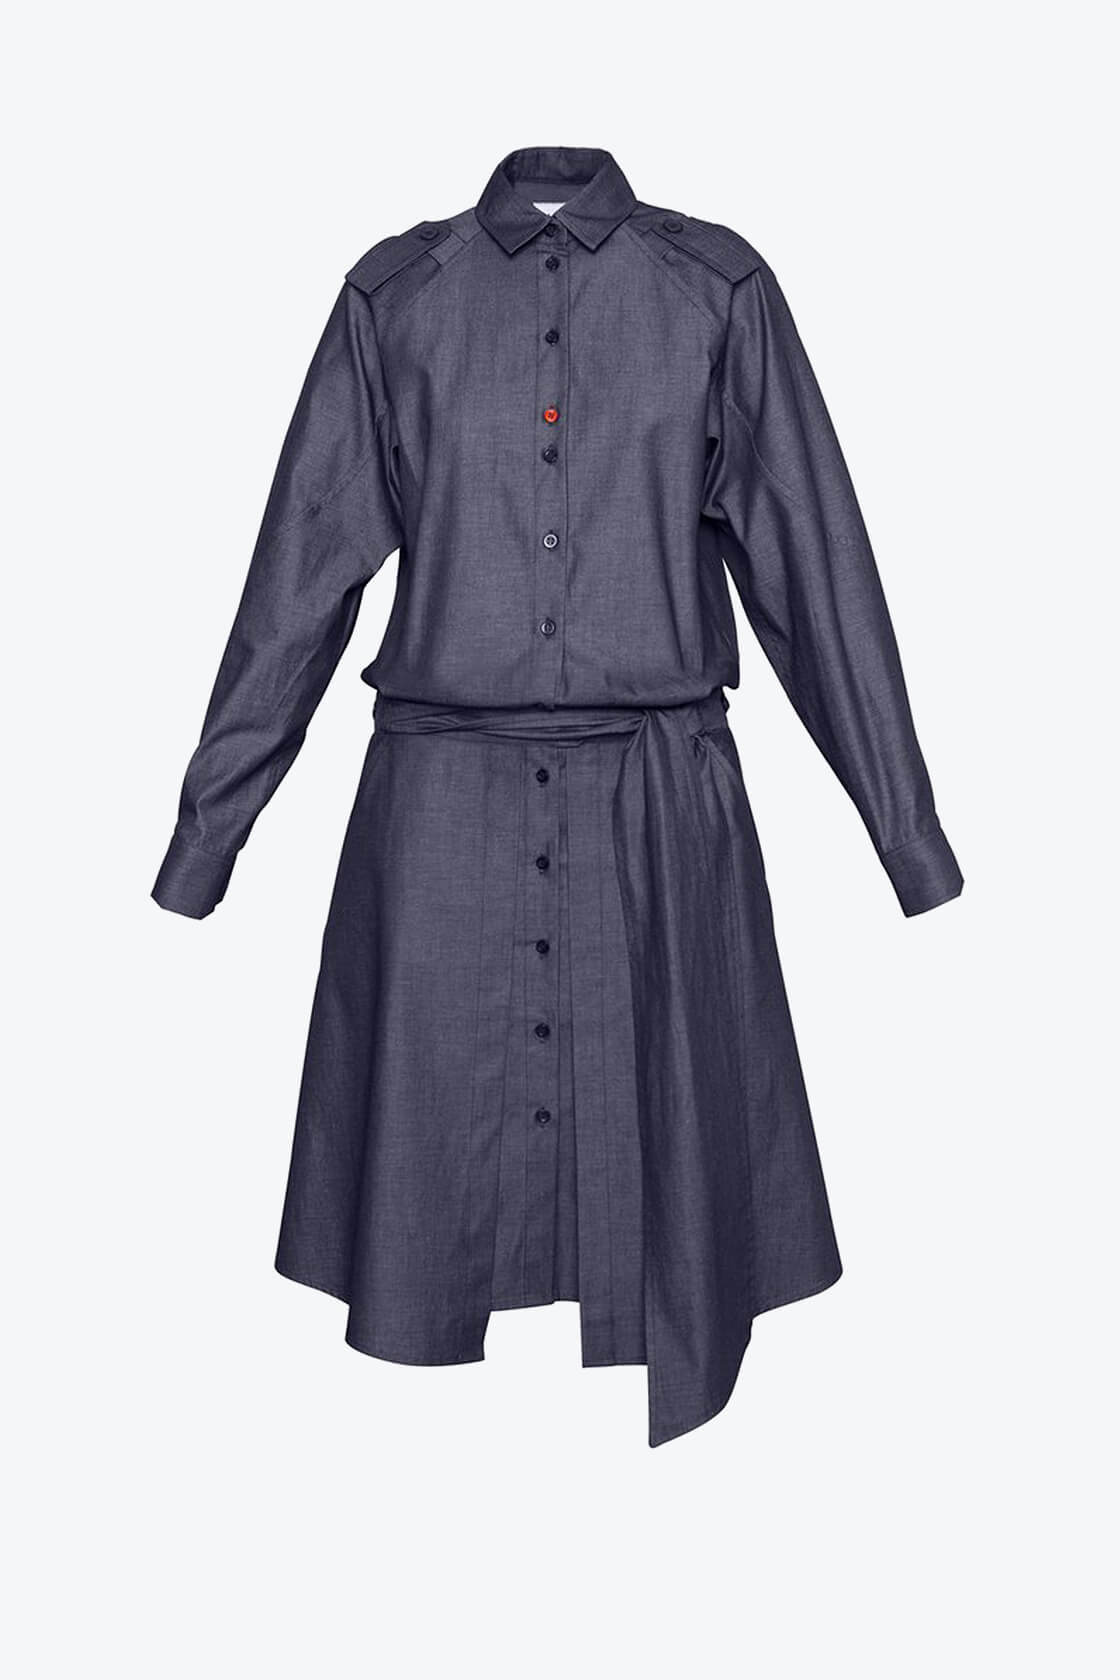 OL10000211 Denim shirt dress1